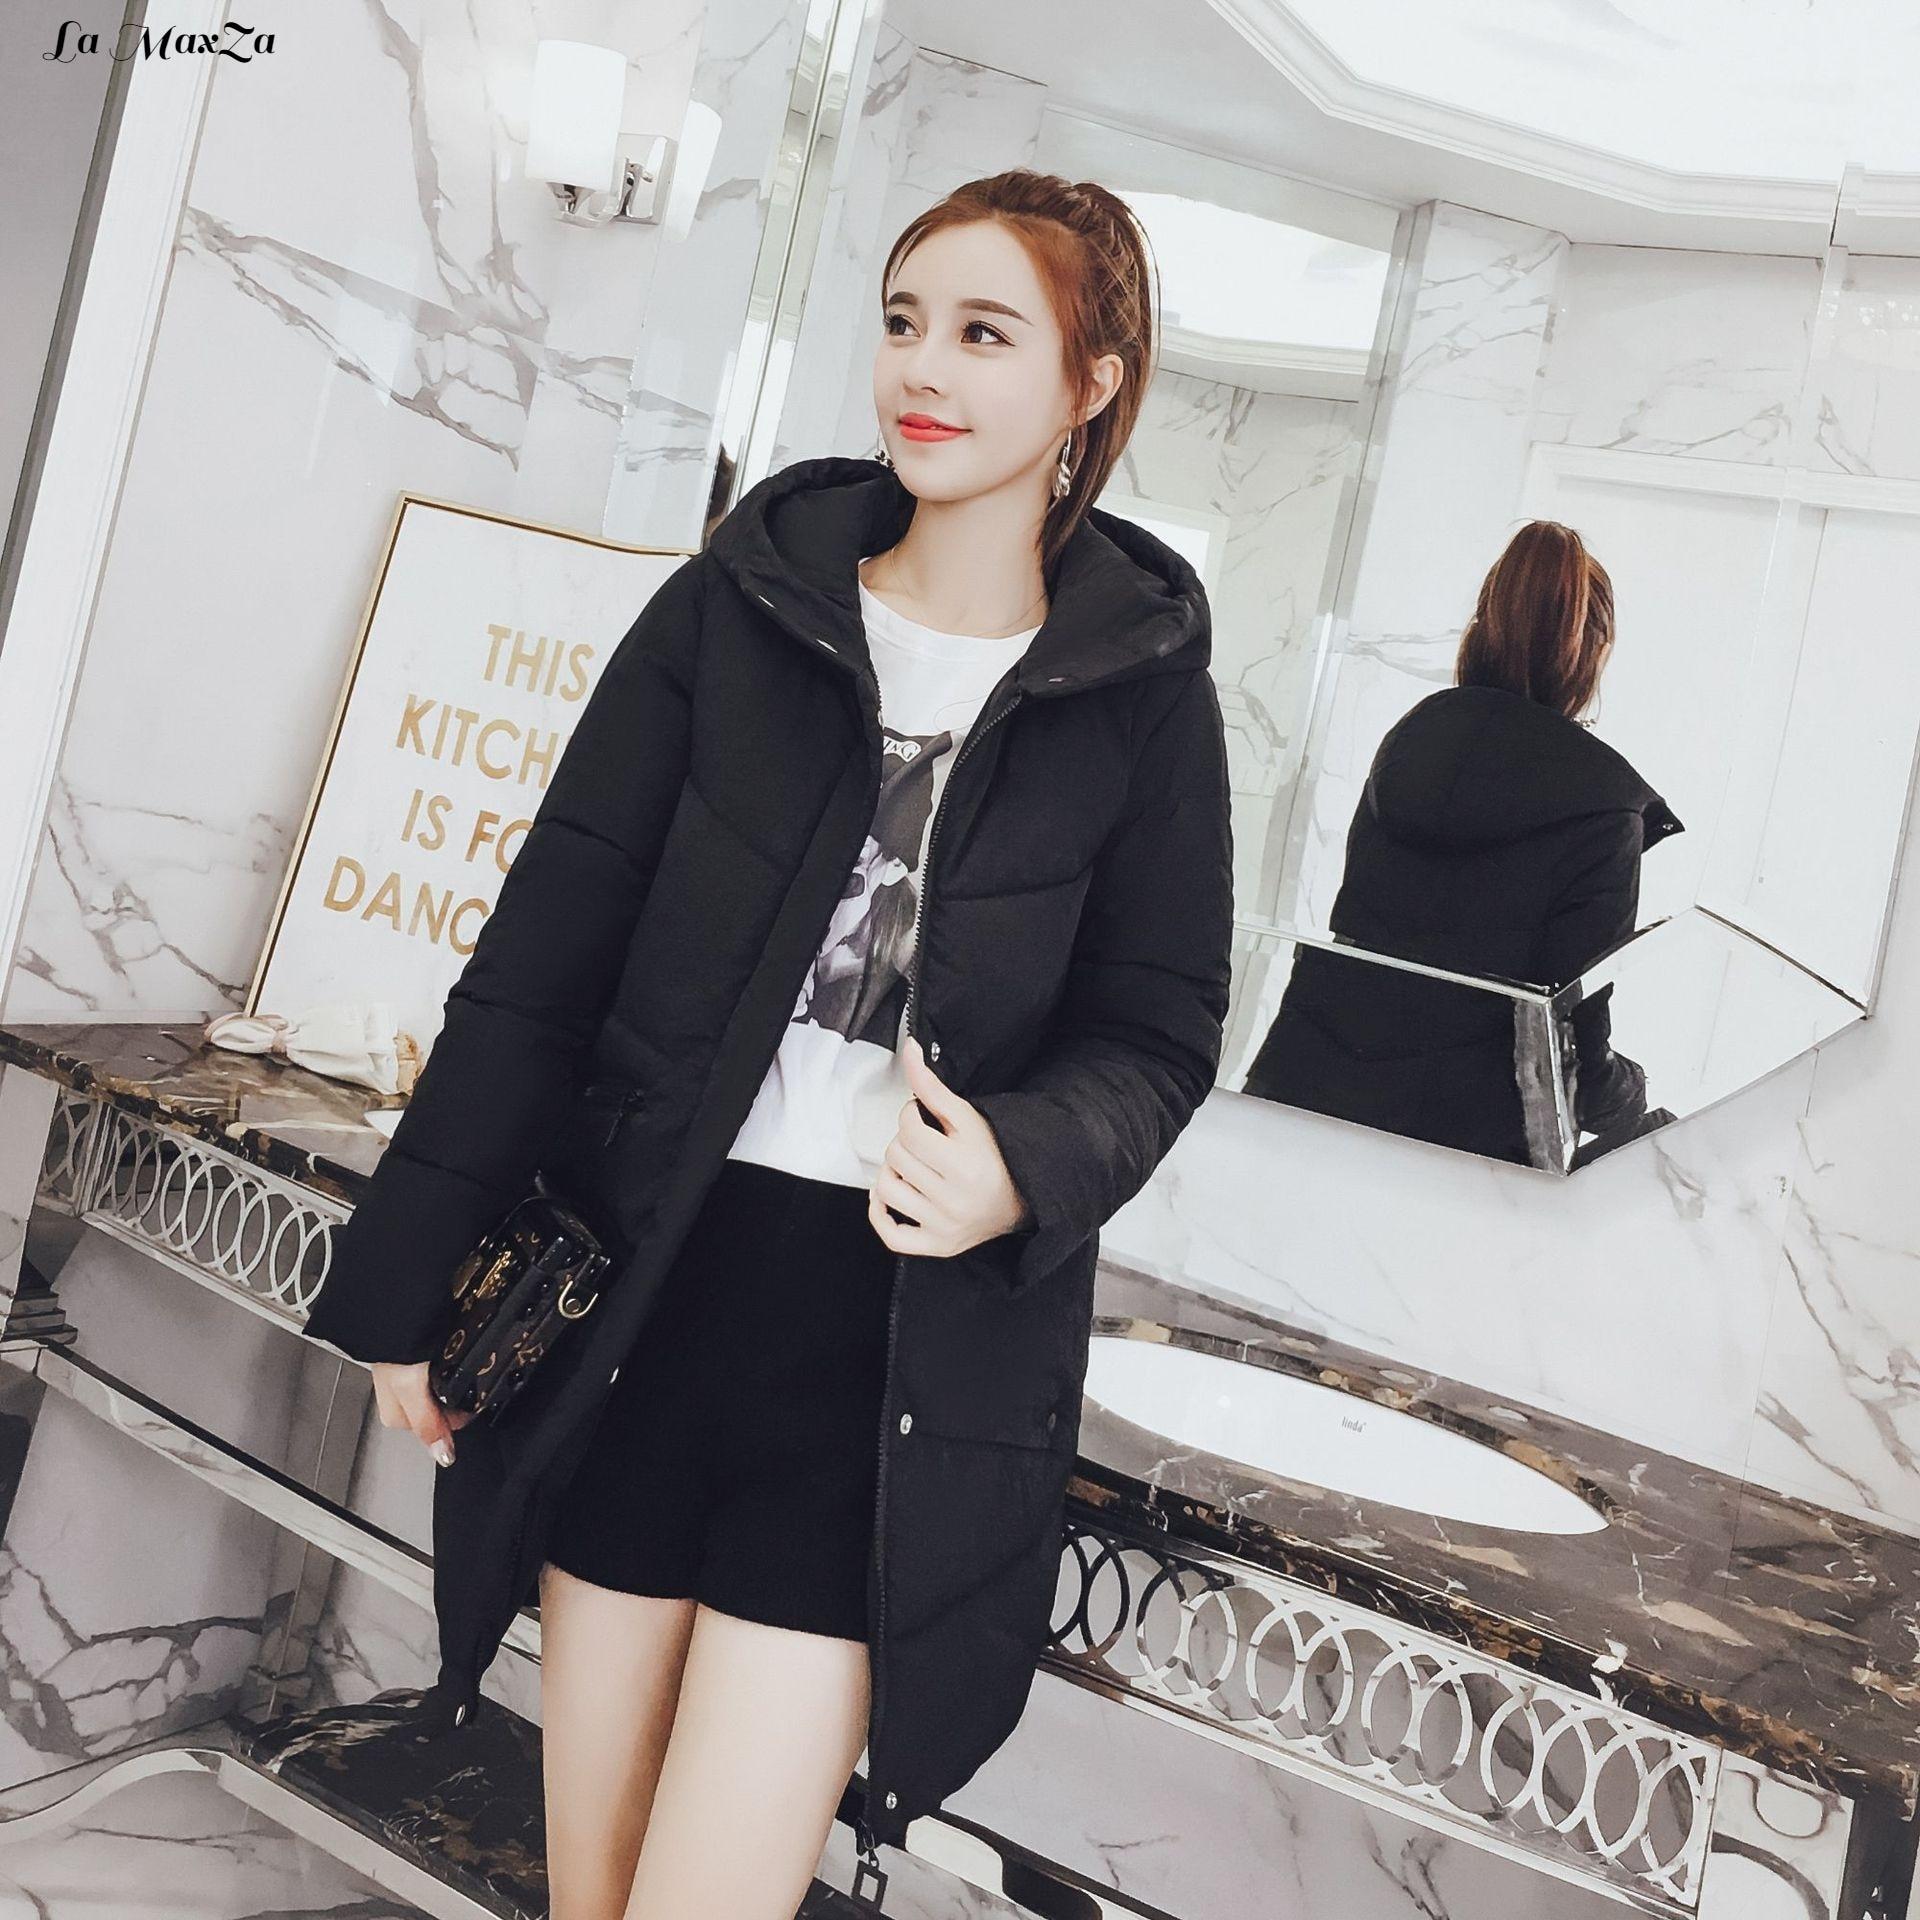 Cintura Sólido Chaqueta Invierno Y Bolsillos Larga Acolchada De Moda  Caliente algodón Mujer rojo Negro blanco ... e842baf0a32e